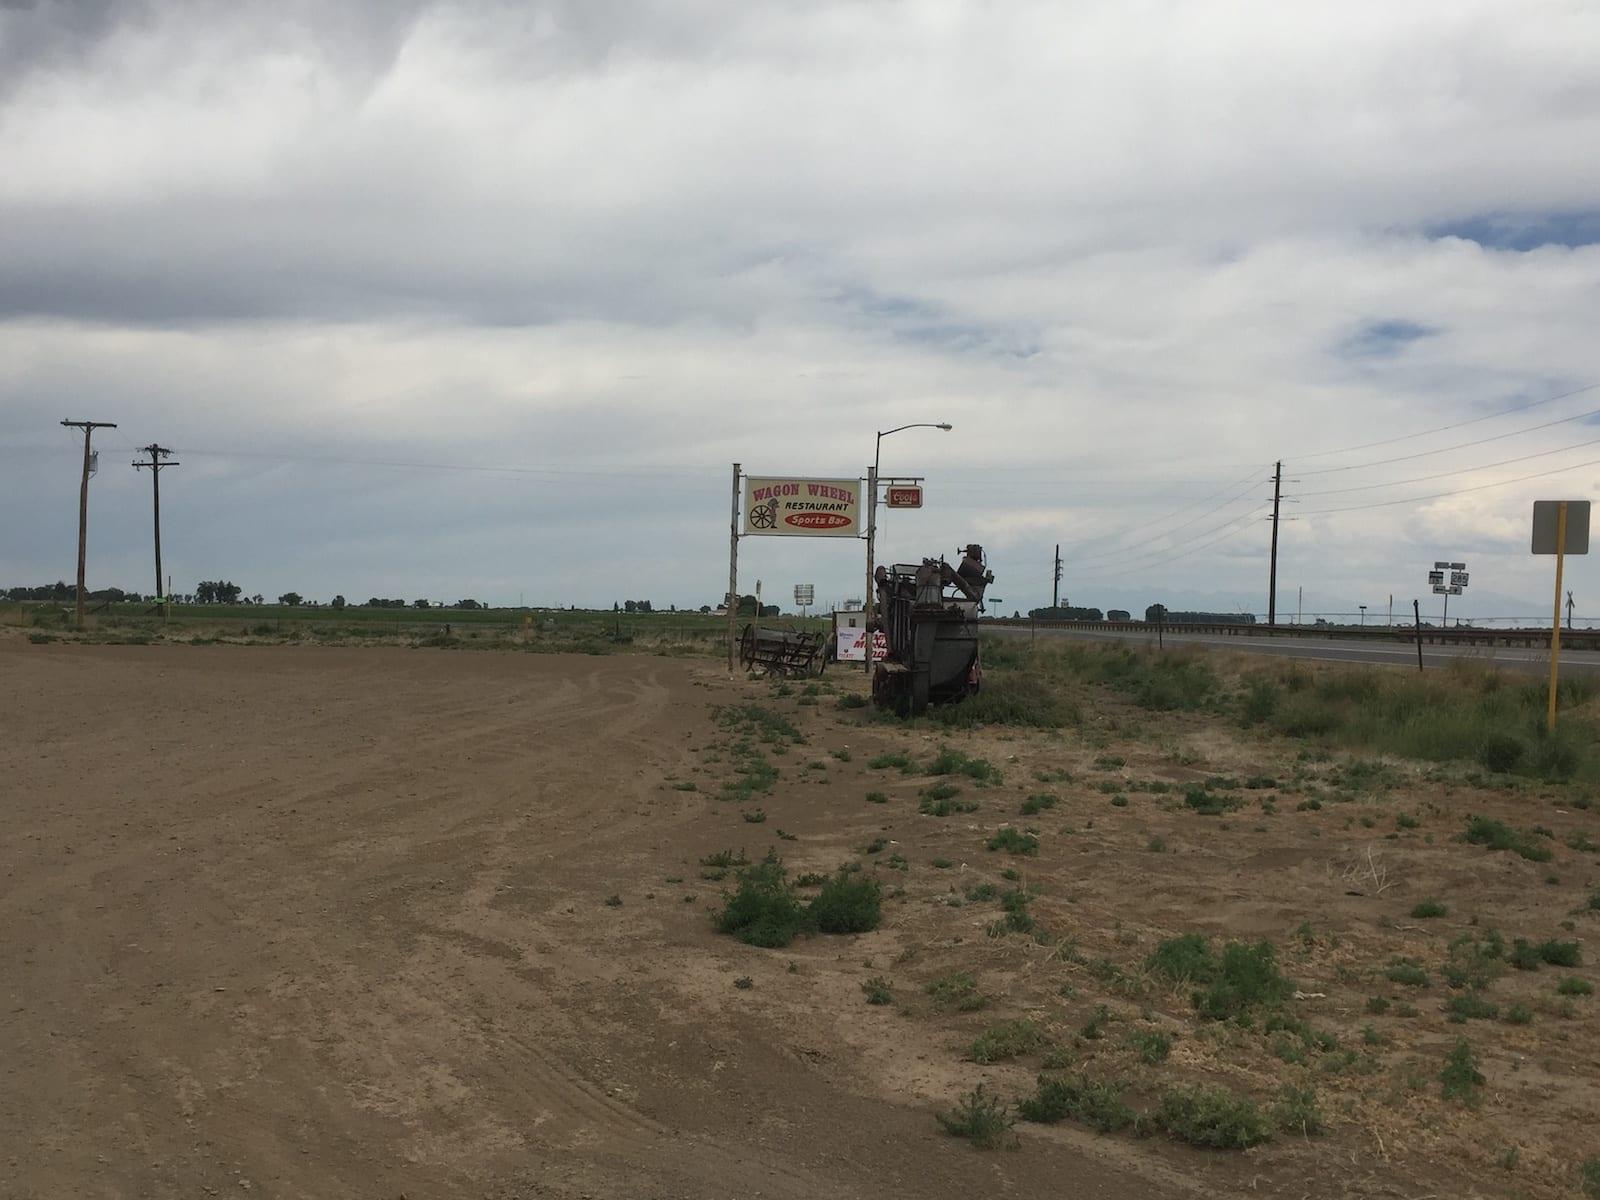 La Jara Colorado